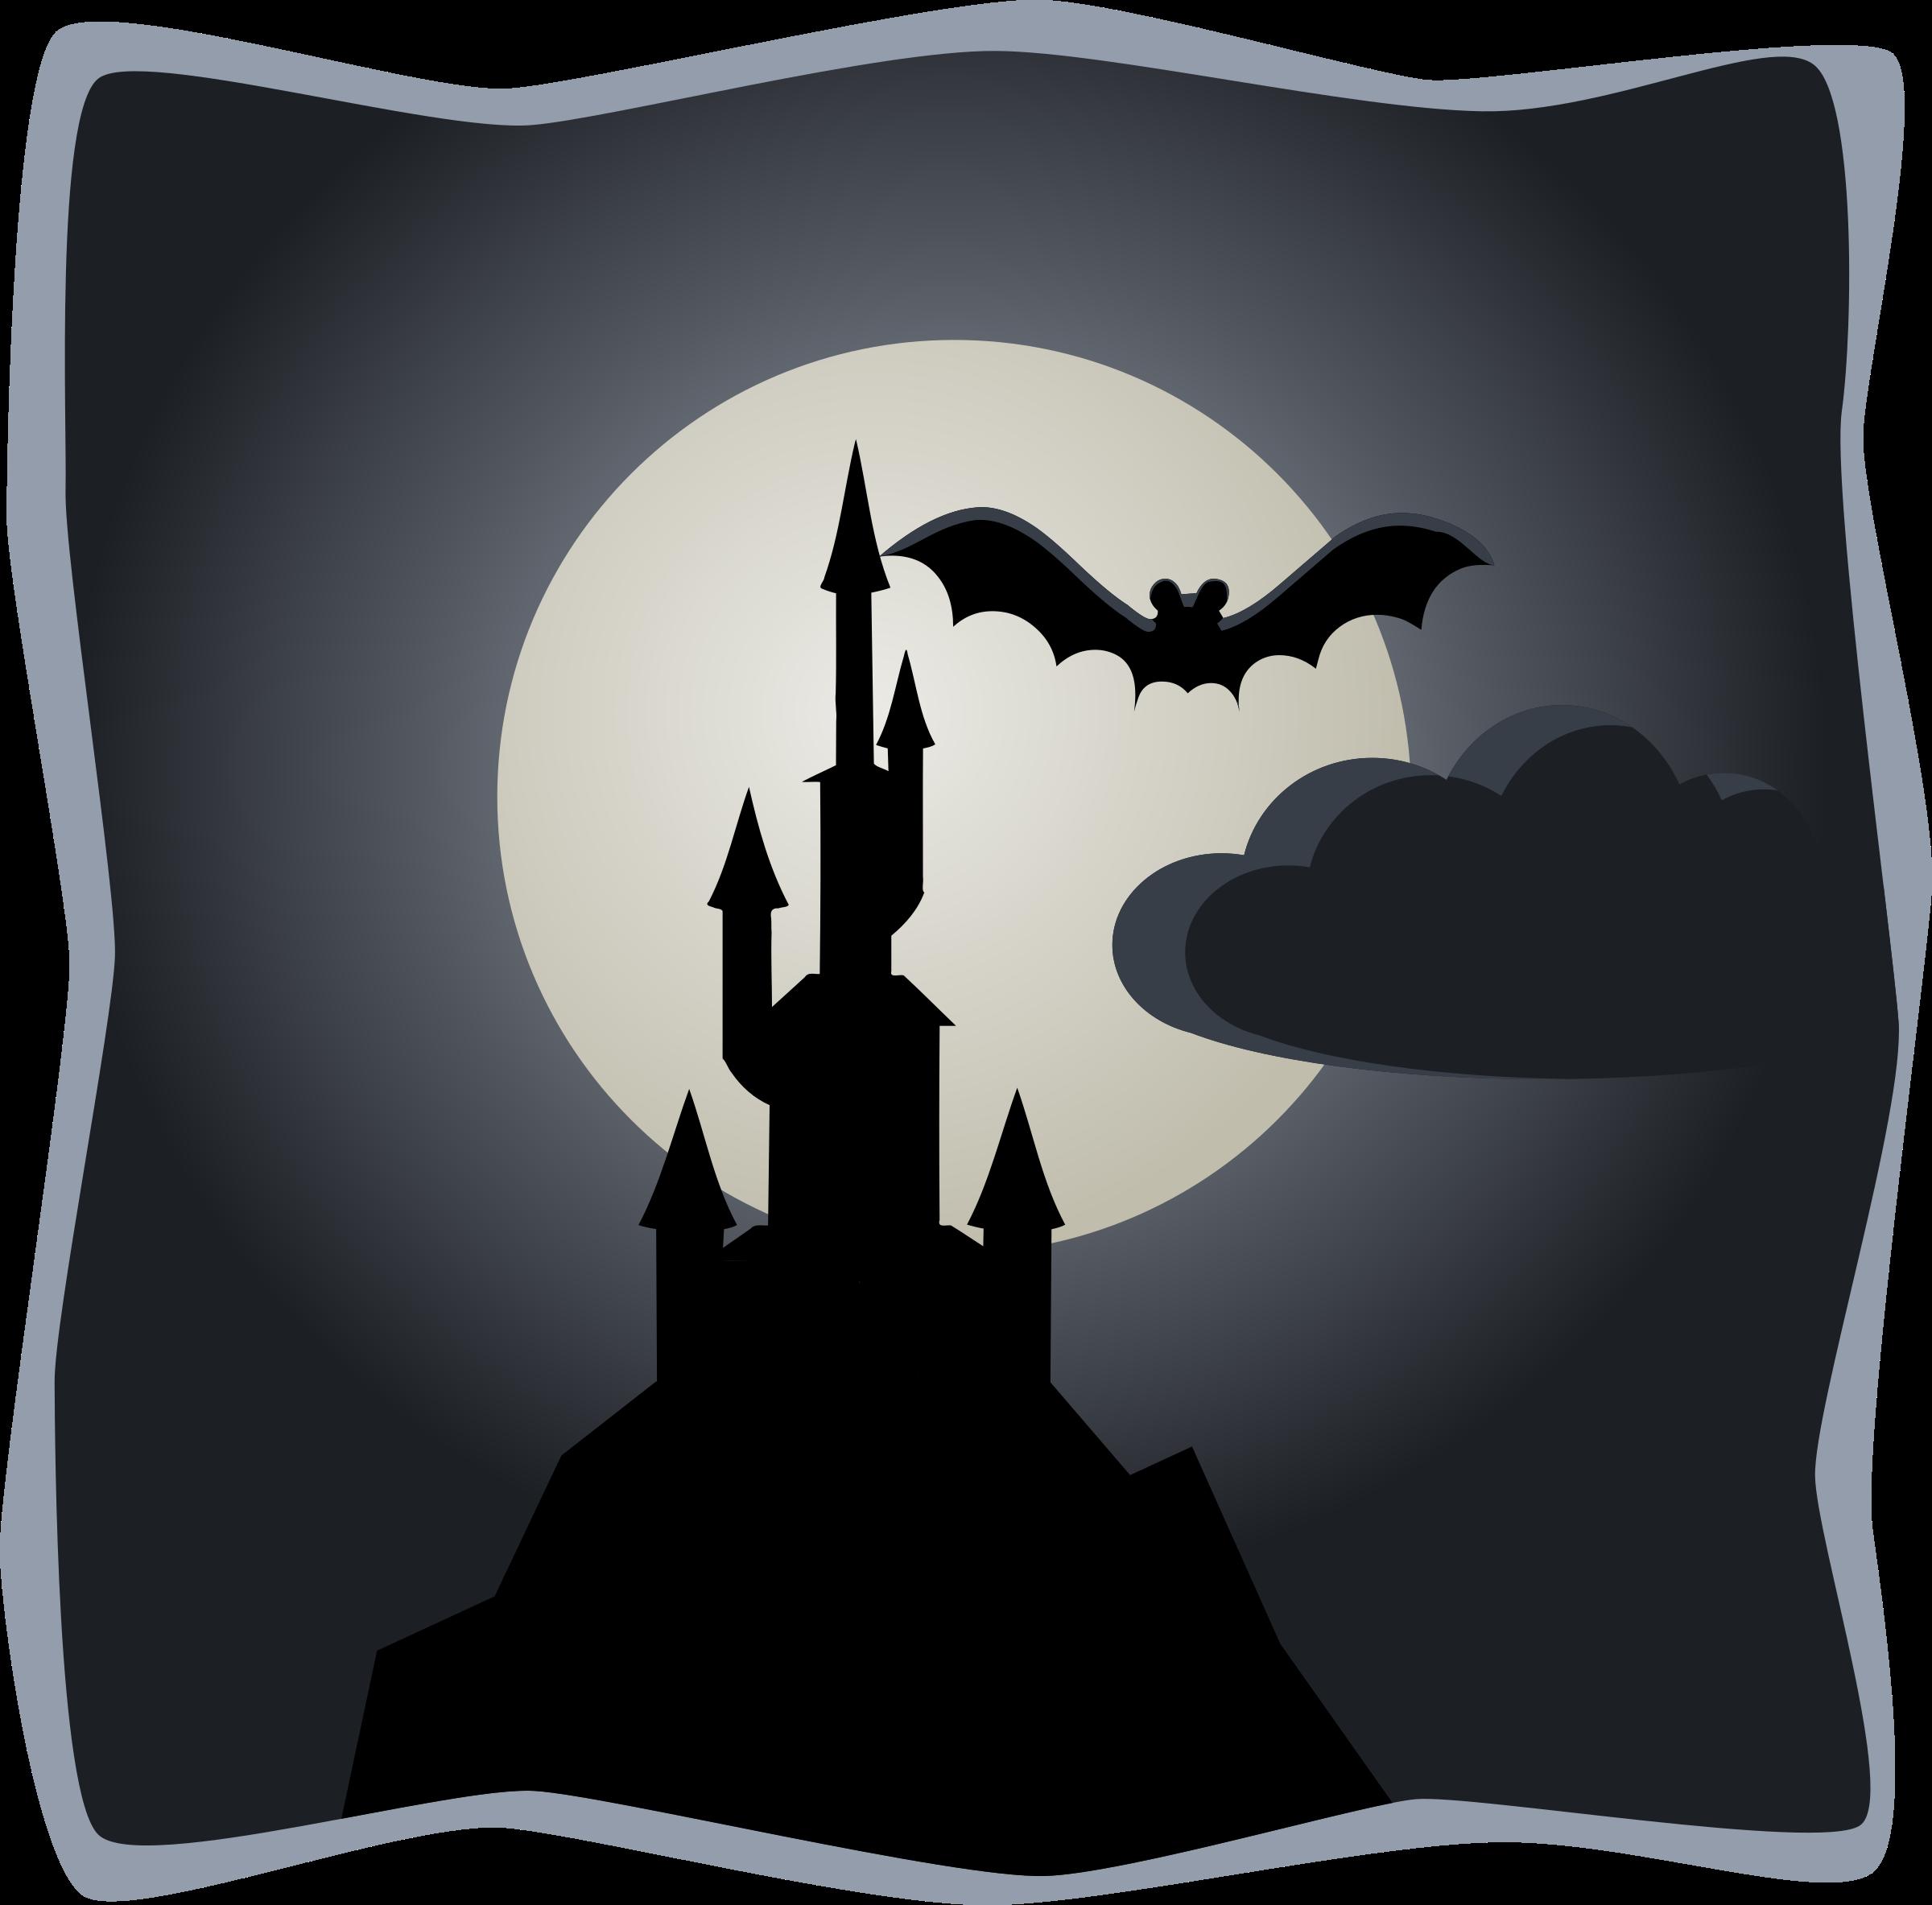 Spooky in full moon. Clipart halloween castle